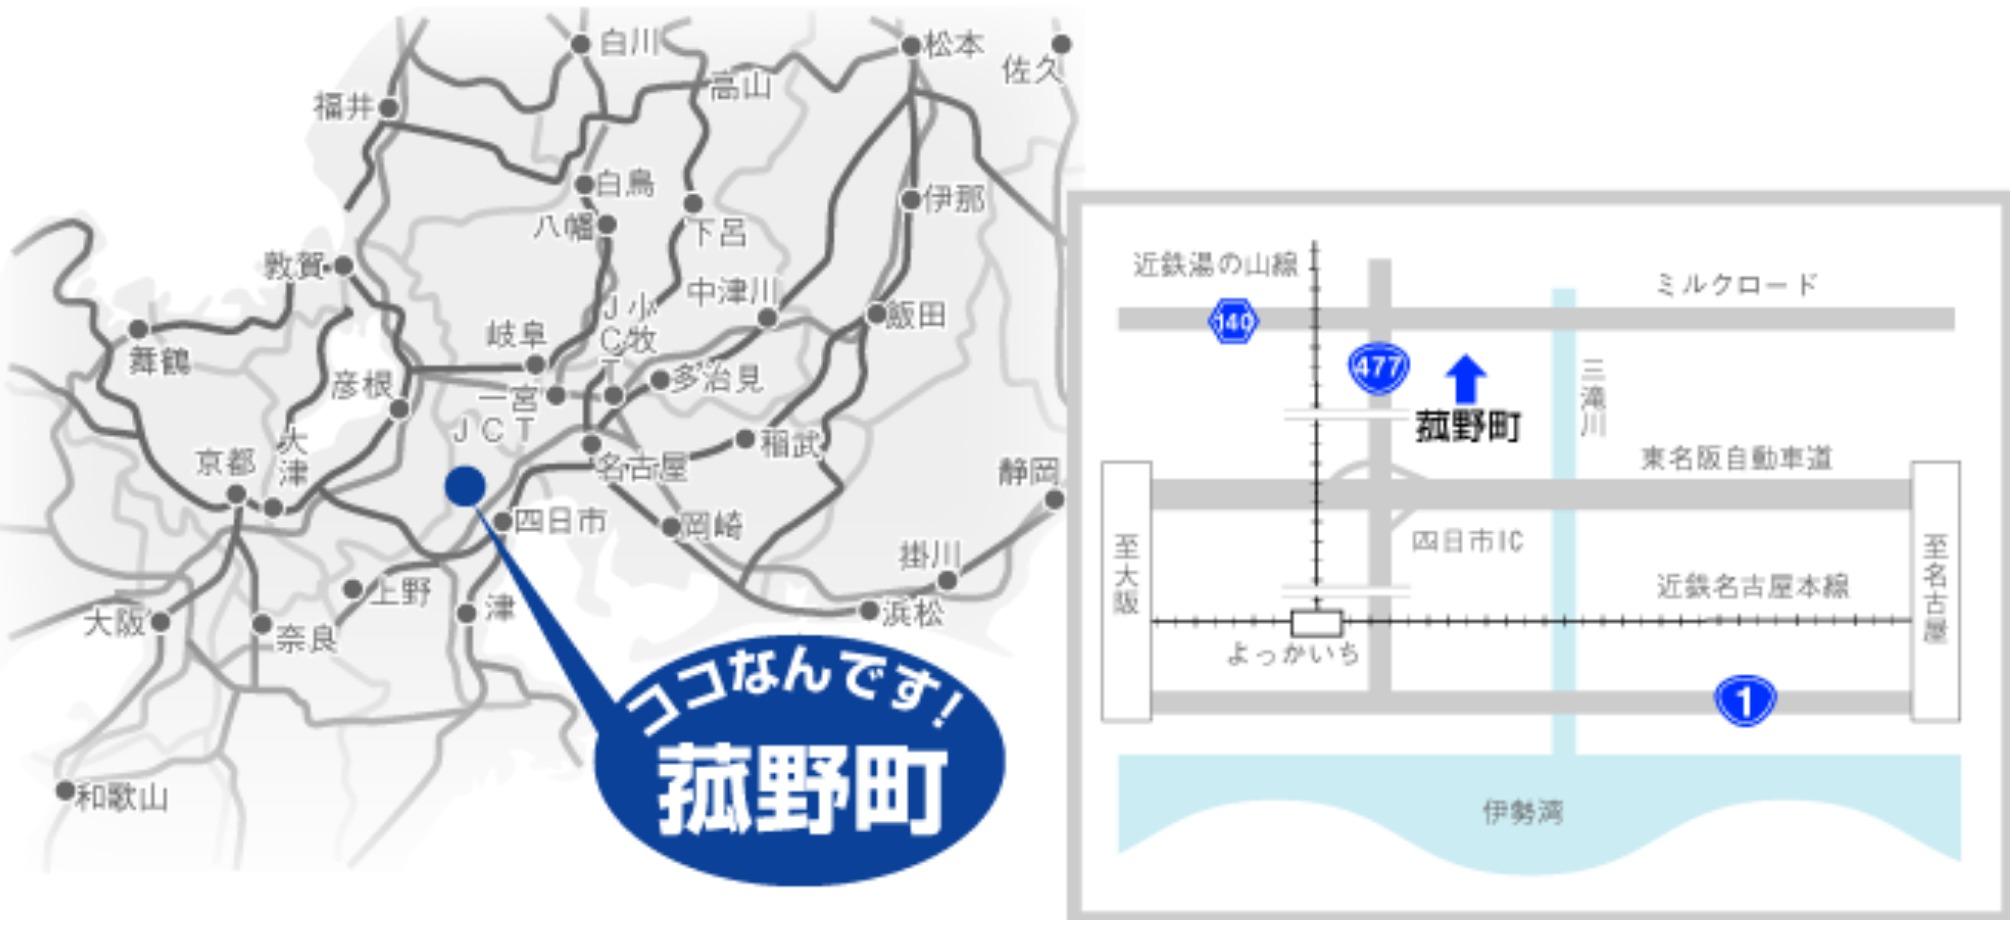 鈴鹿山麓かもしかハーフマラソン会場アクセスマップ